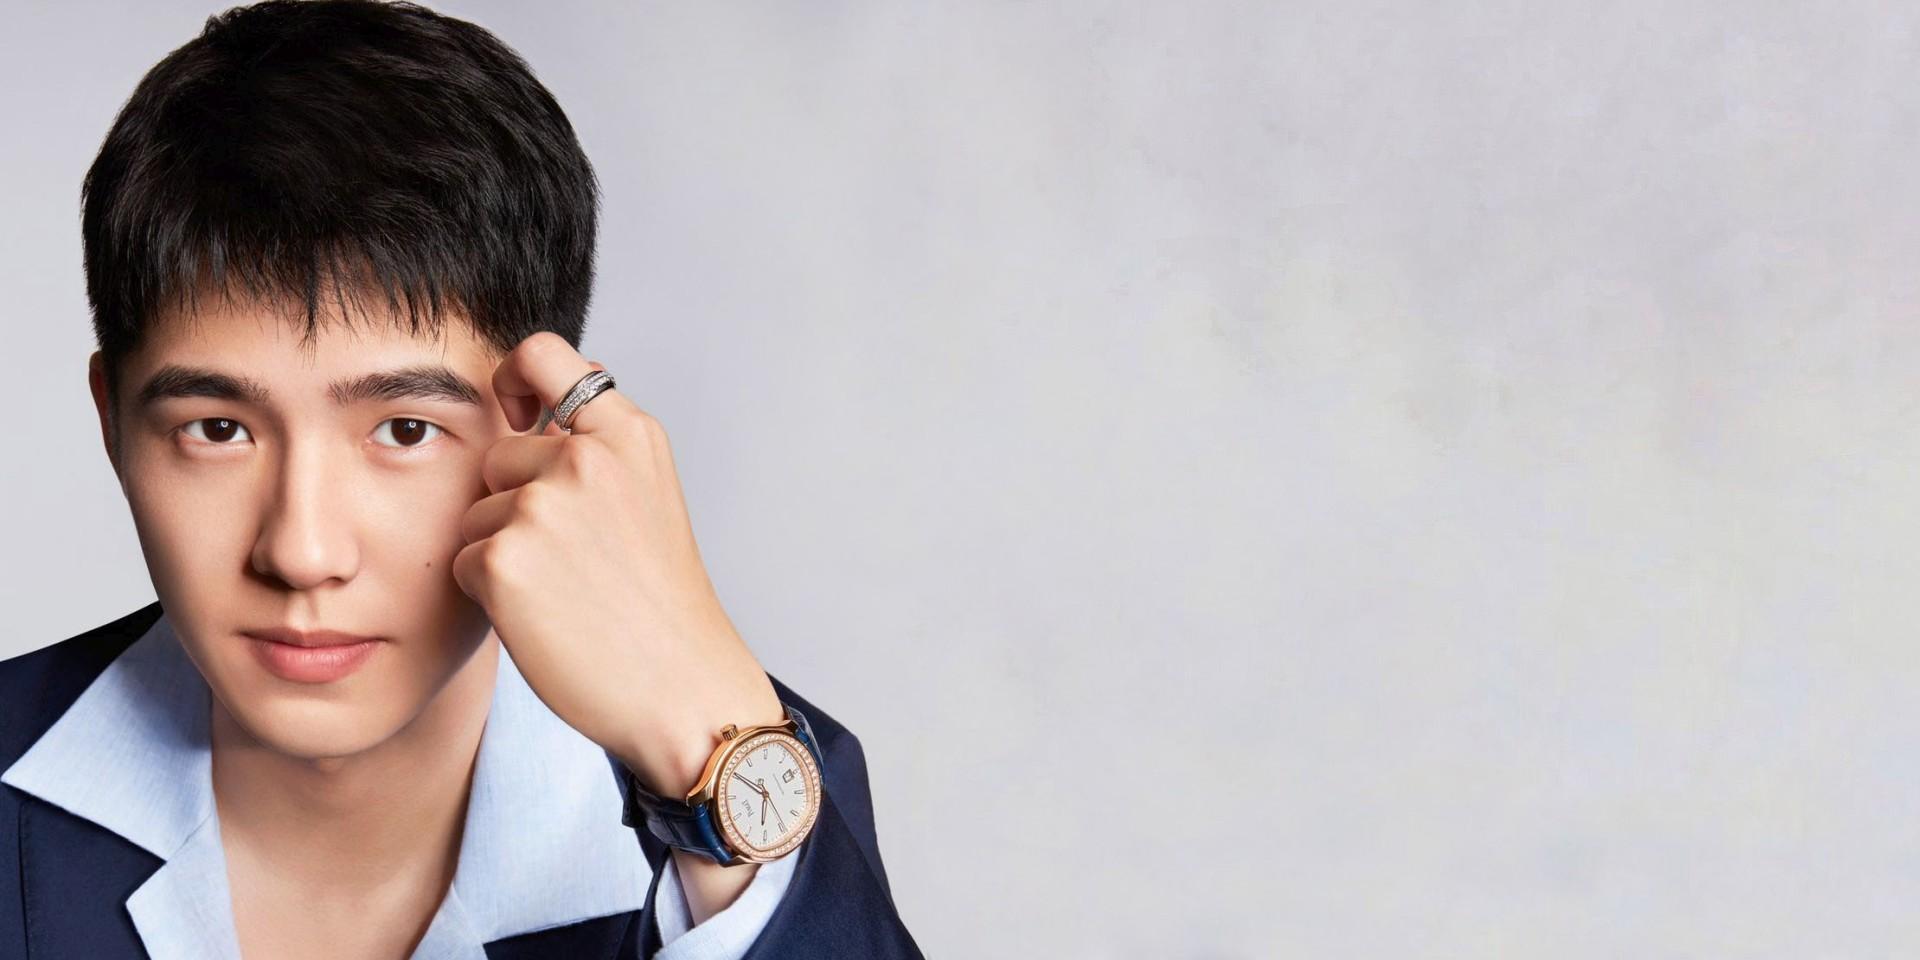 凝聚年輕力量,以實力定義不凡:PIAGET伯爵正式宣布劉昊然成為最新品牌大使